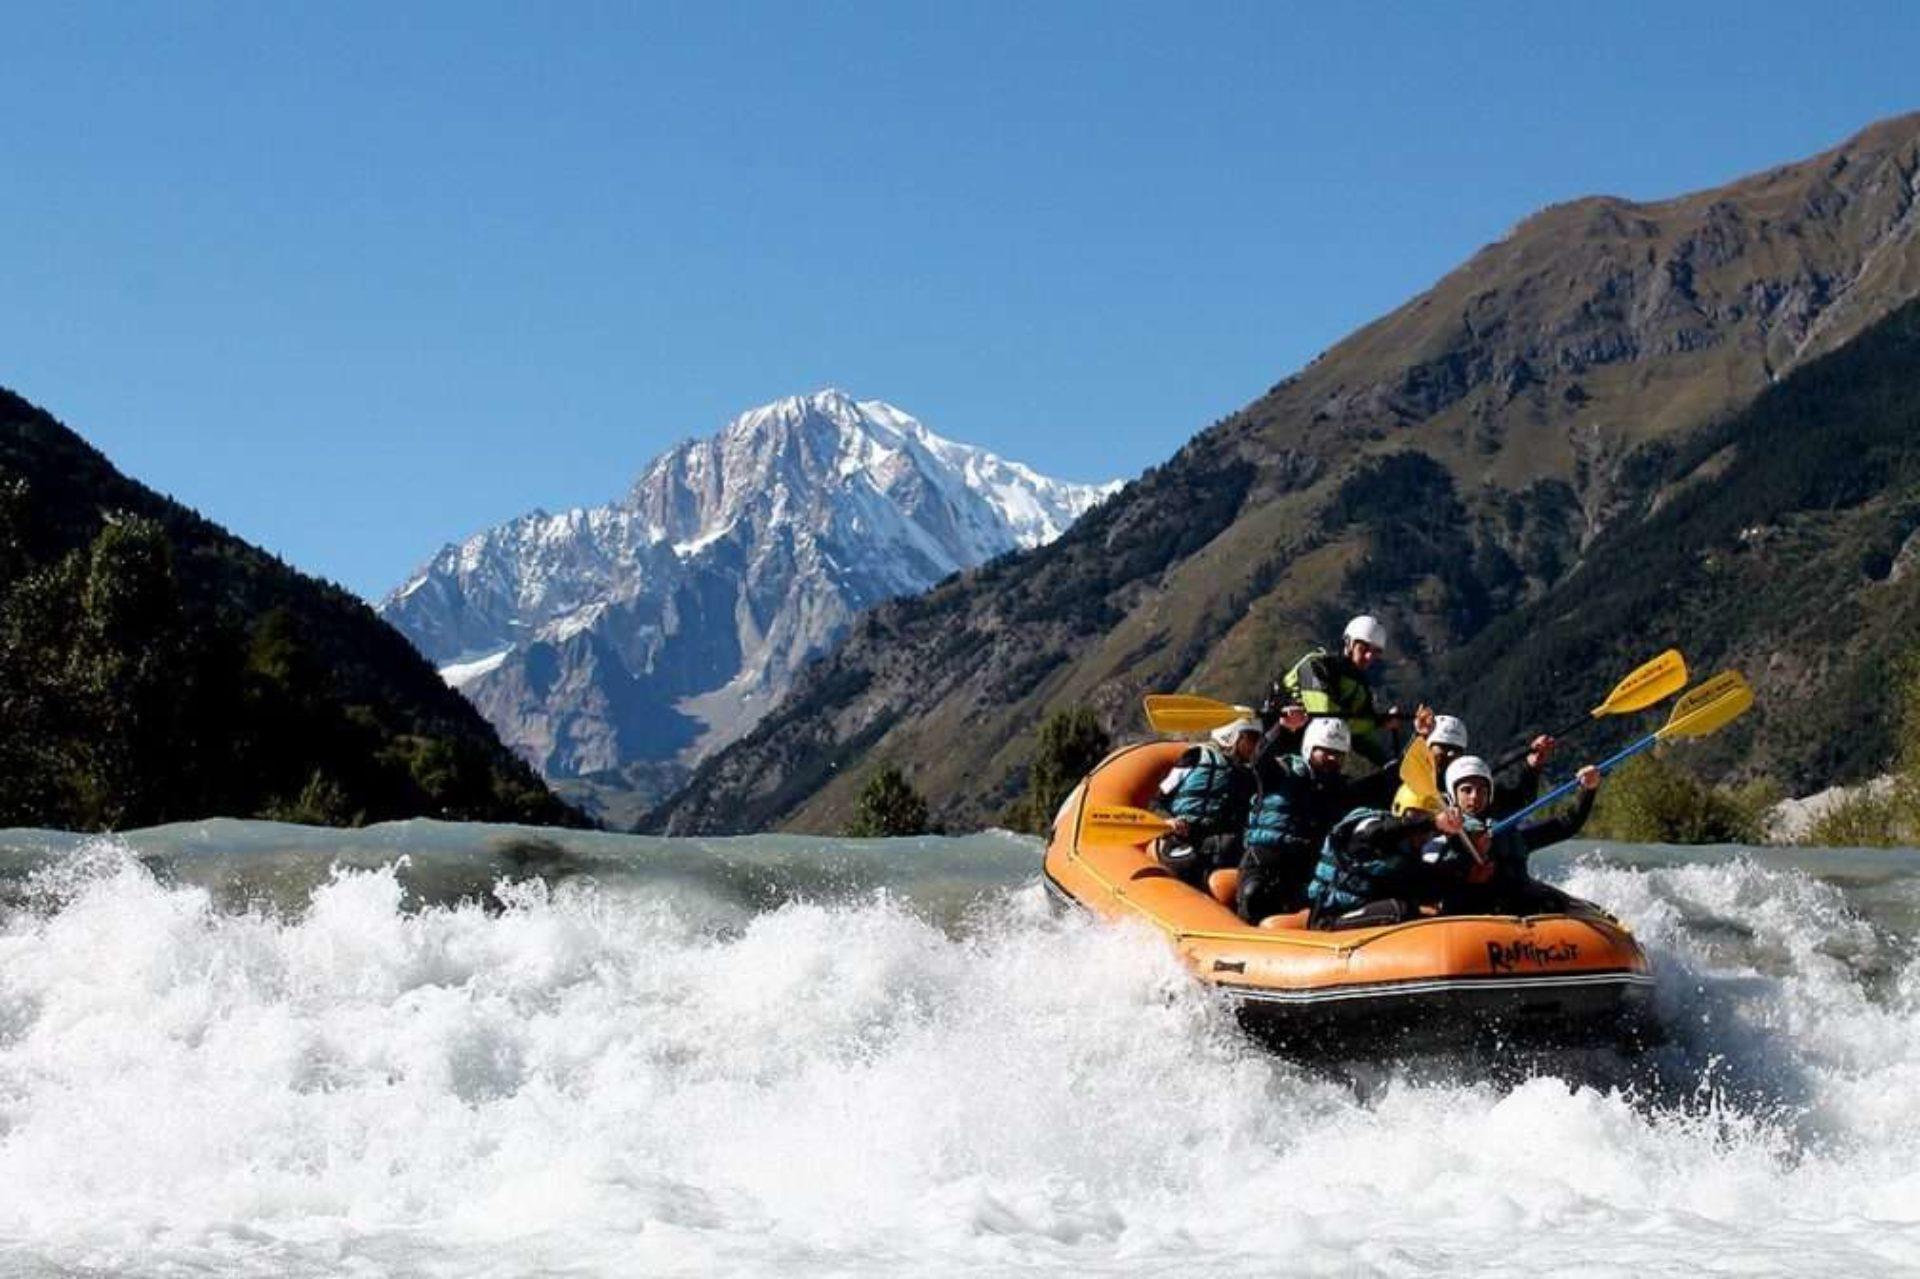 Rafting Pré-Saint-Didier